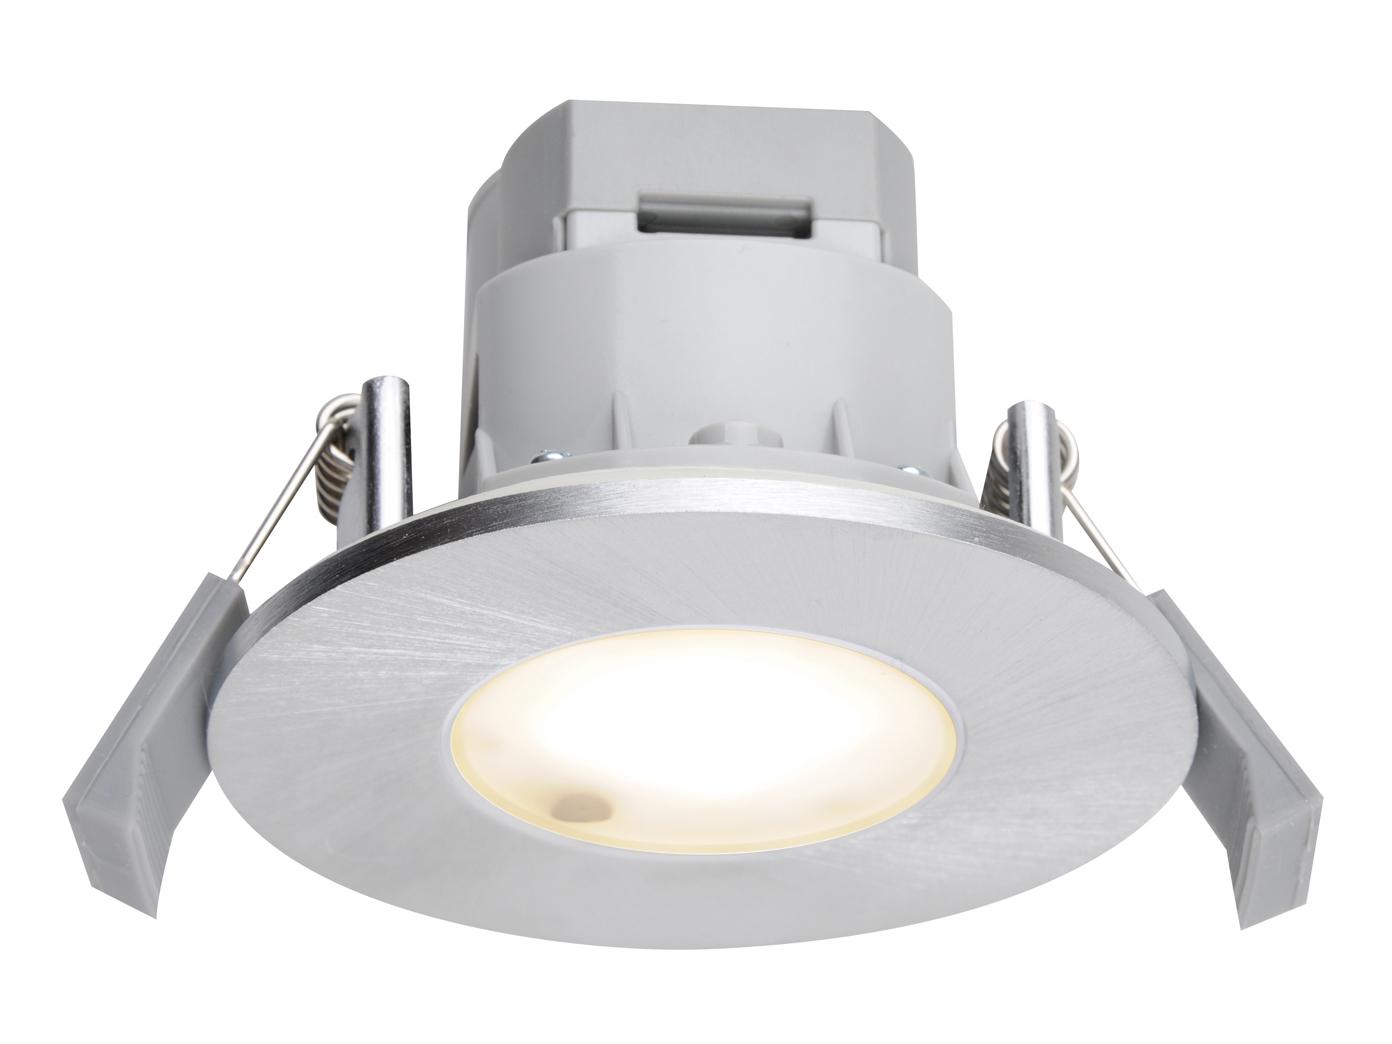 LED-Einbaustrahler Alu gebürstet, Ø 8,5 cm, 7W, IP65, Trio-Leuchten ...